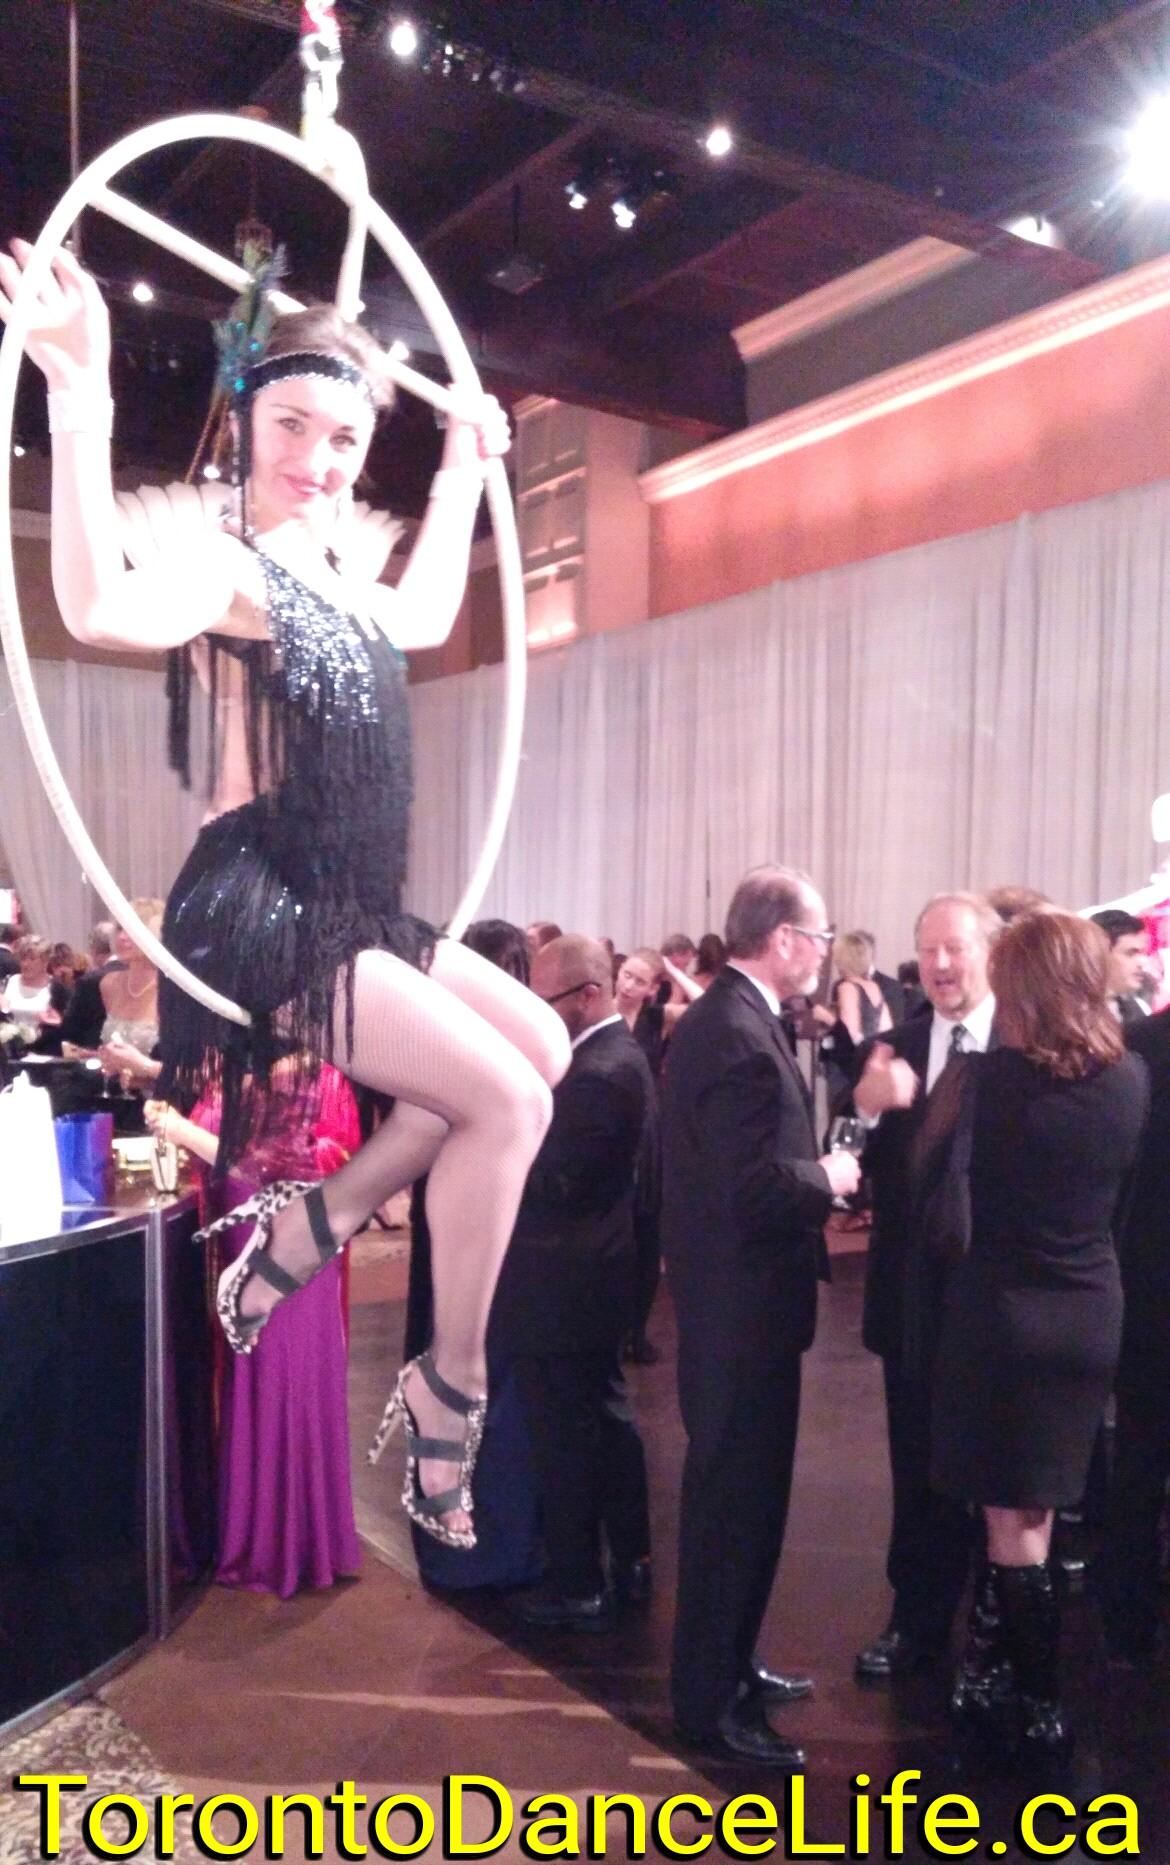 Aerial hoop bartending